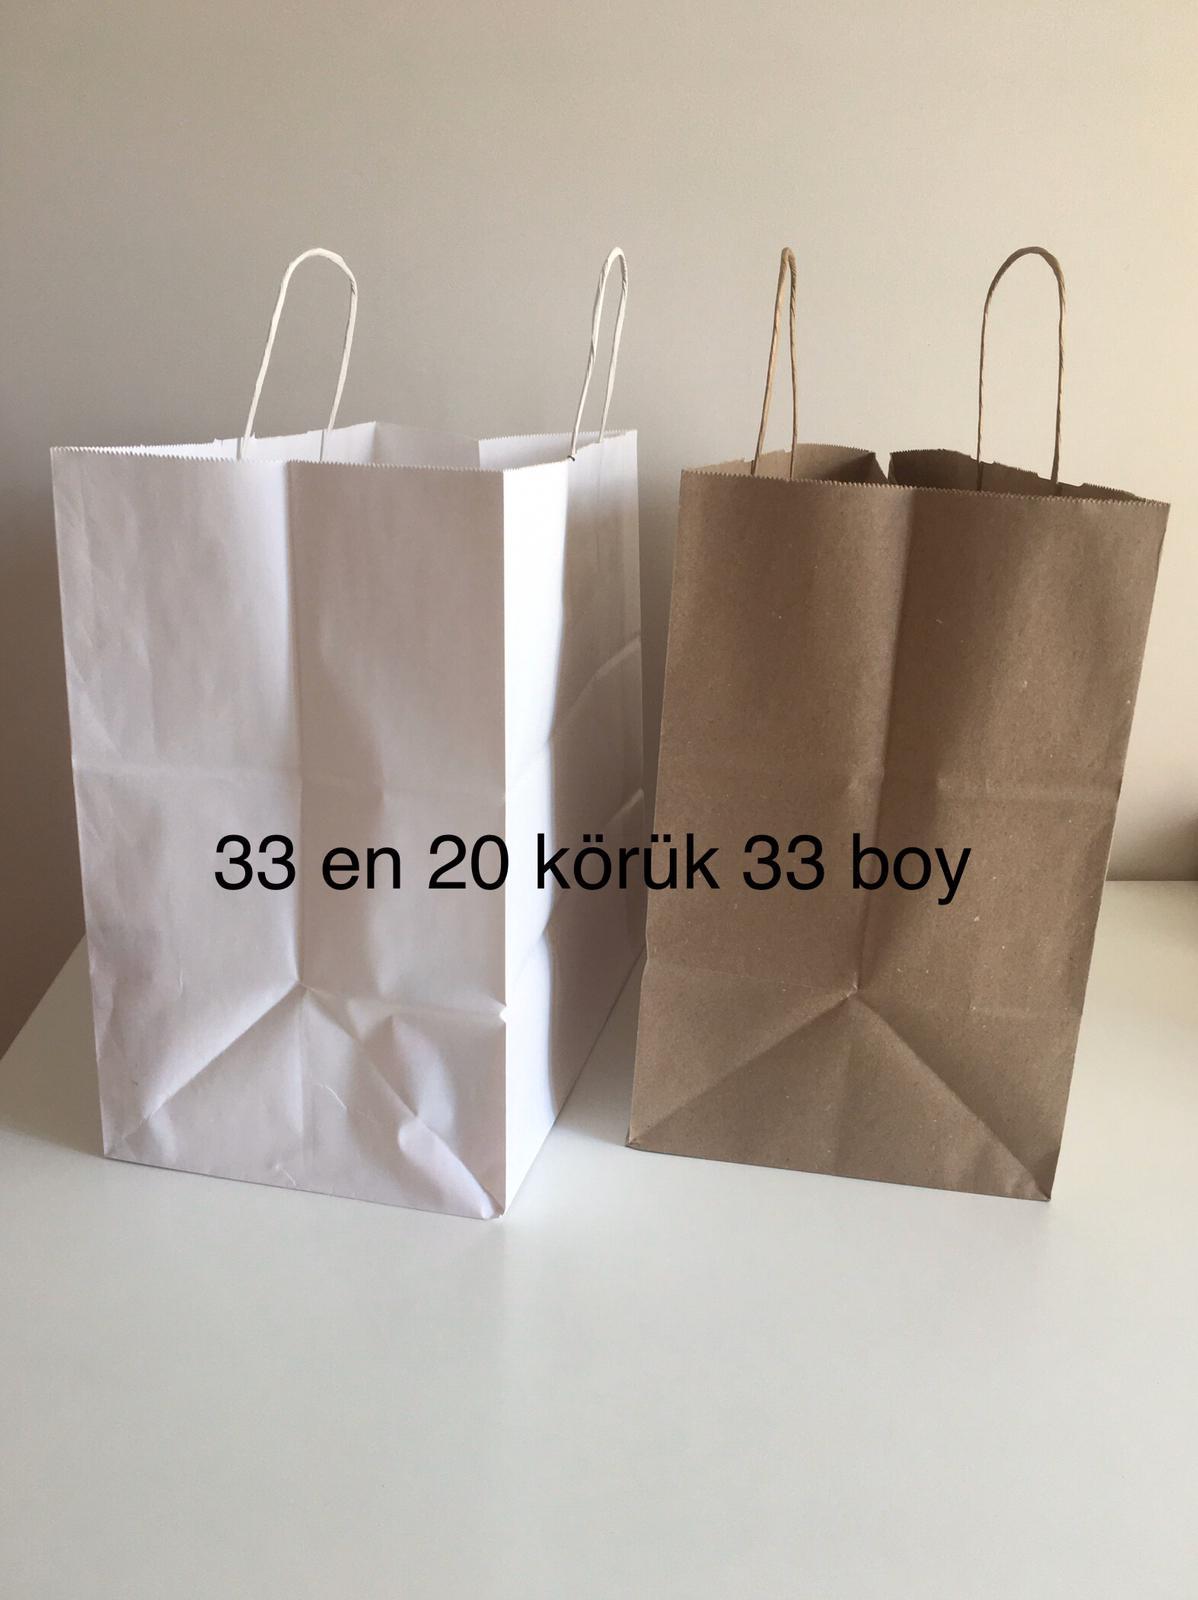 bcaa3ea9-3dd5-49fb-9654-40b867b12155-4